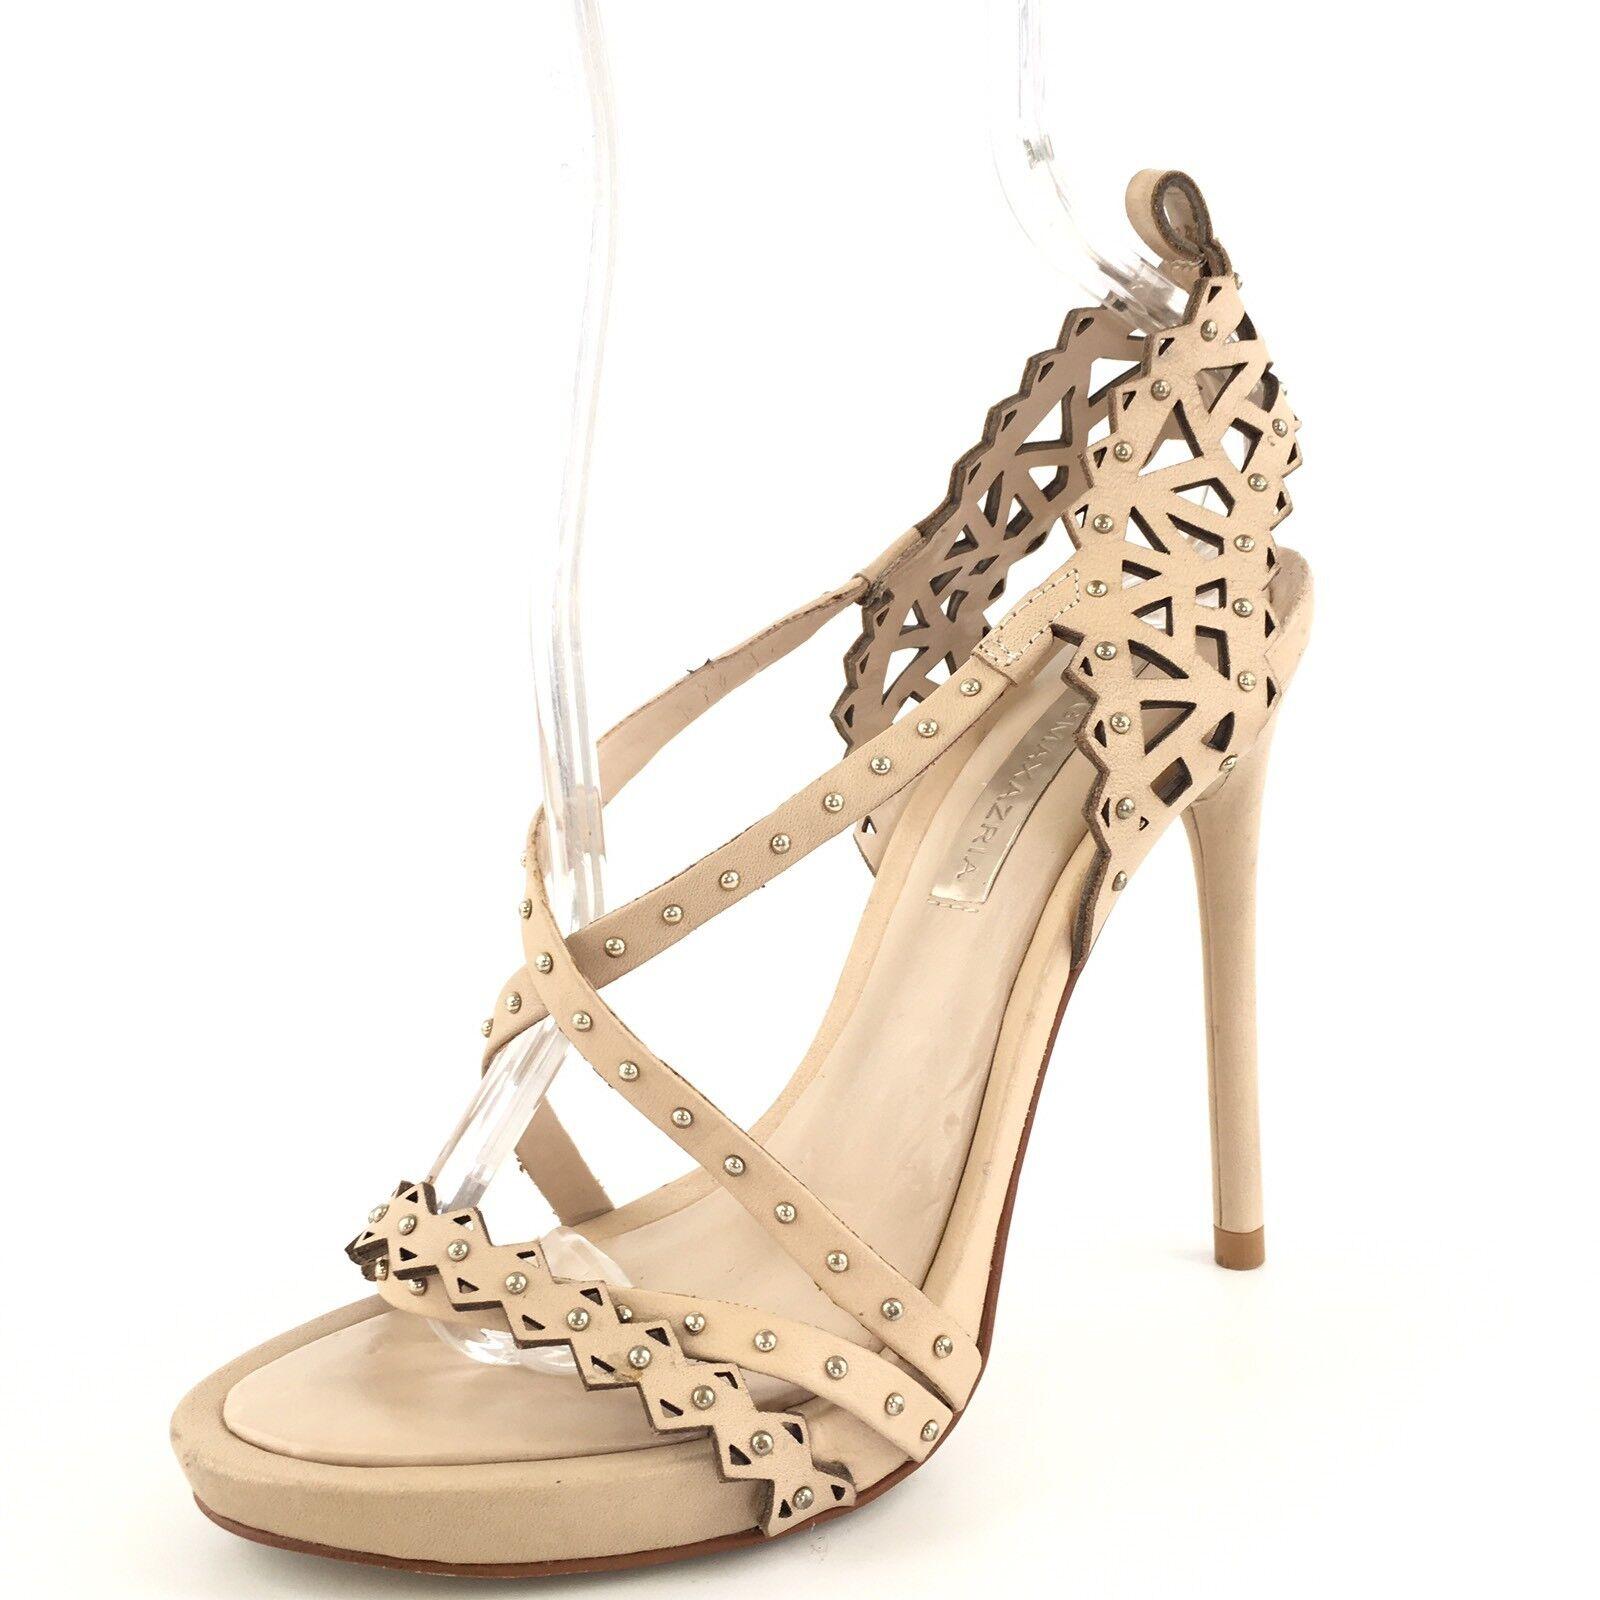 liquidazione BCBGMAXAZRIA Beige Leather Leather Leather Strappy Heels Sandals Donna  Dimensione 6 M  il più recente